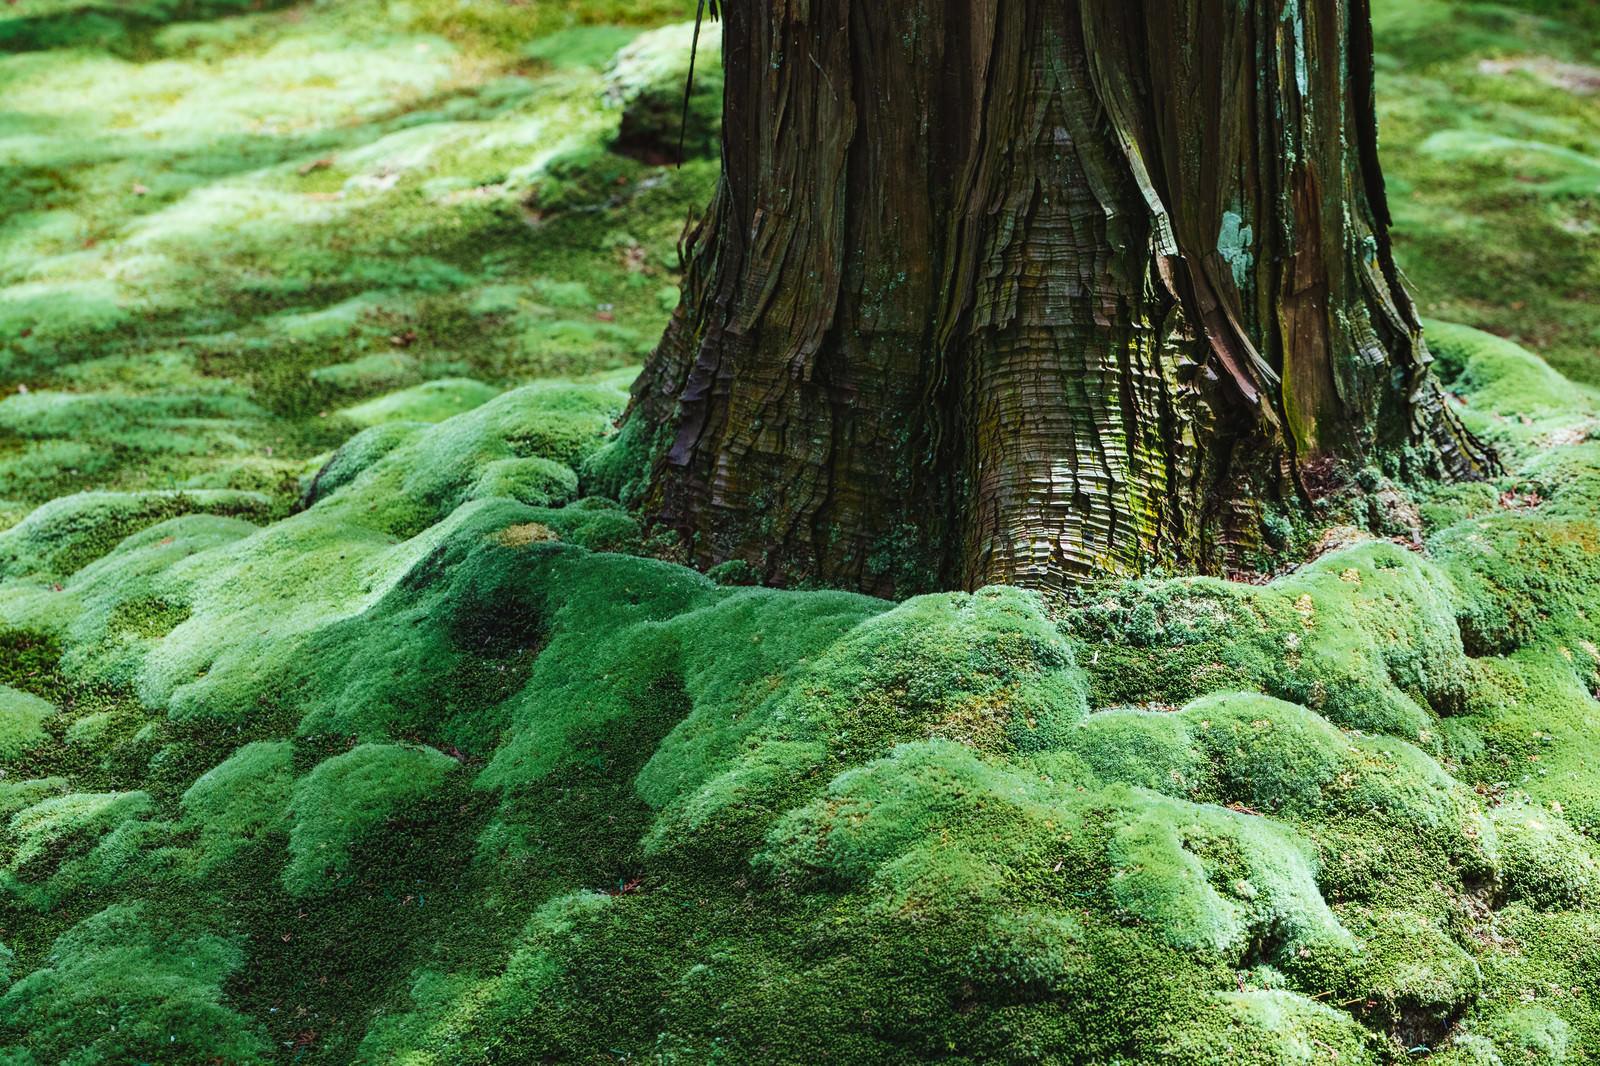 「木の根元のもこもこ苔木の根元のもこもこ苔」のフリー写真素材を拡大